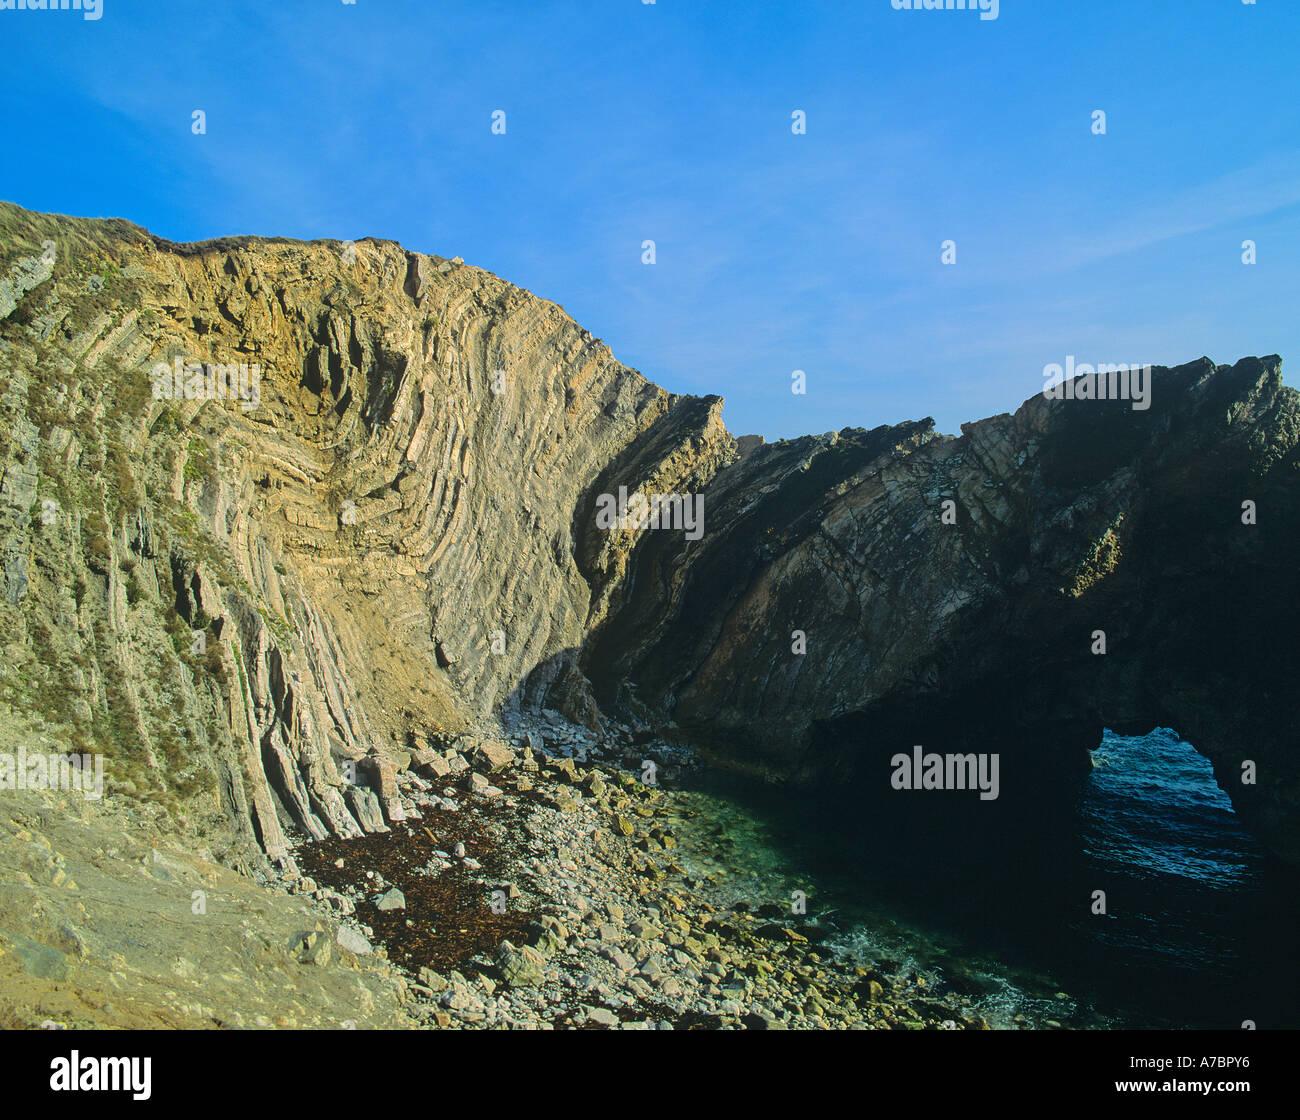 Lulworth Crumple Twisted strati di strati di roccia causato dalla pressione e la circolazione sulle scogliere di Lulworth Cove Dorset INGHILTERRA Immagini Stock